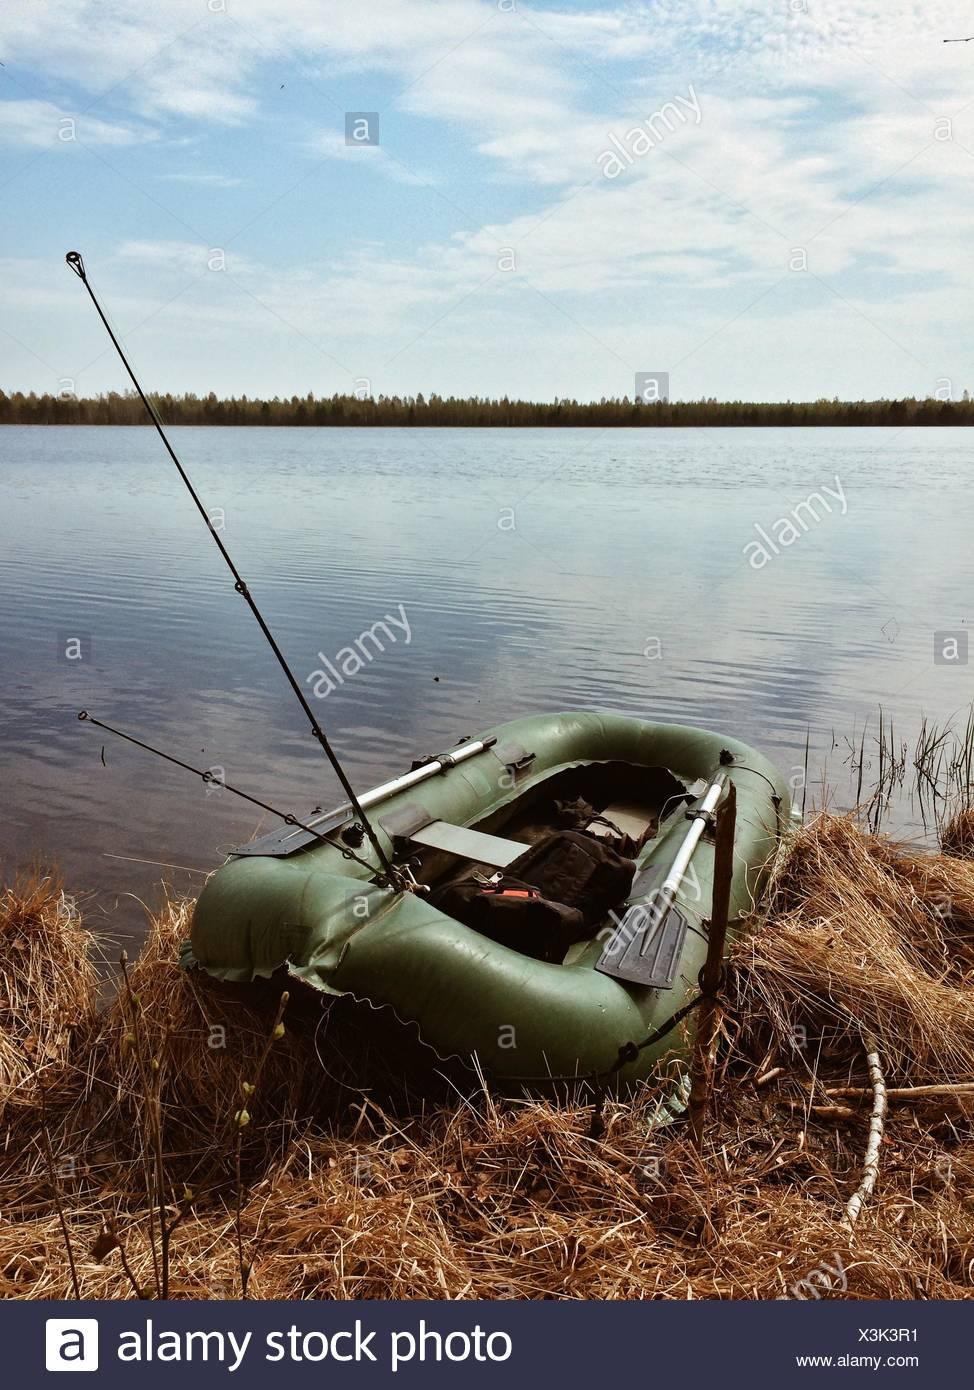 Verde su dinghy appassiti lakeshore erba Immagini Stock